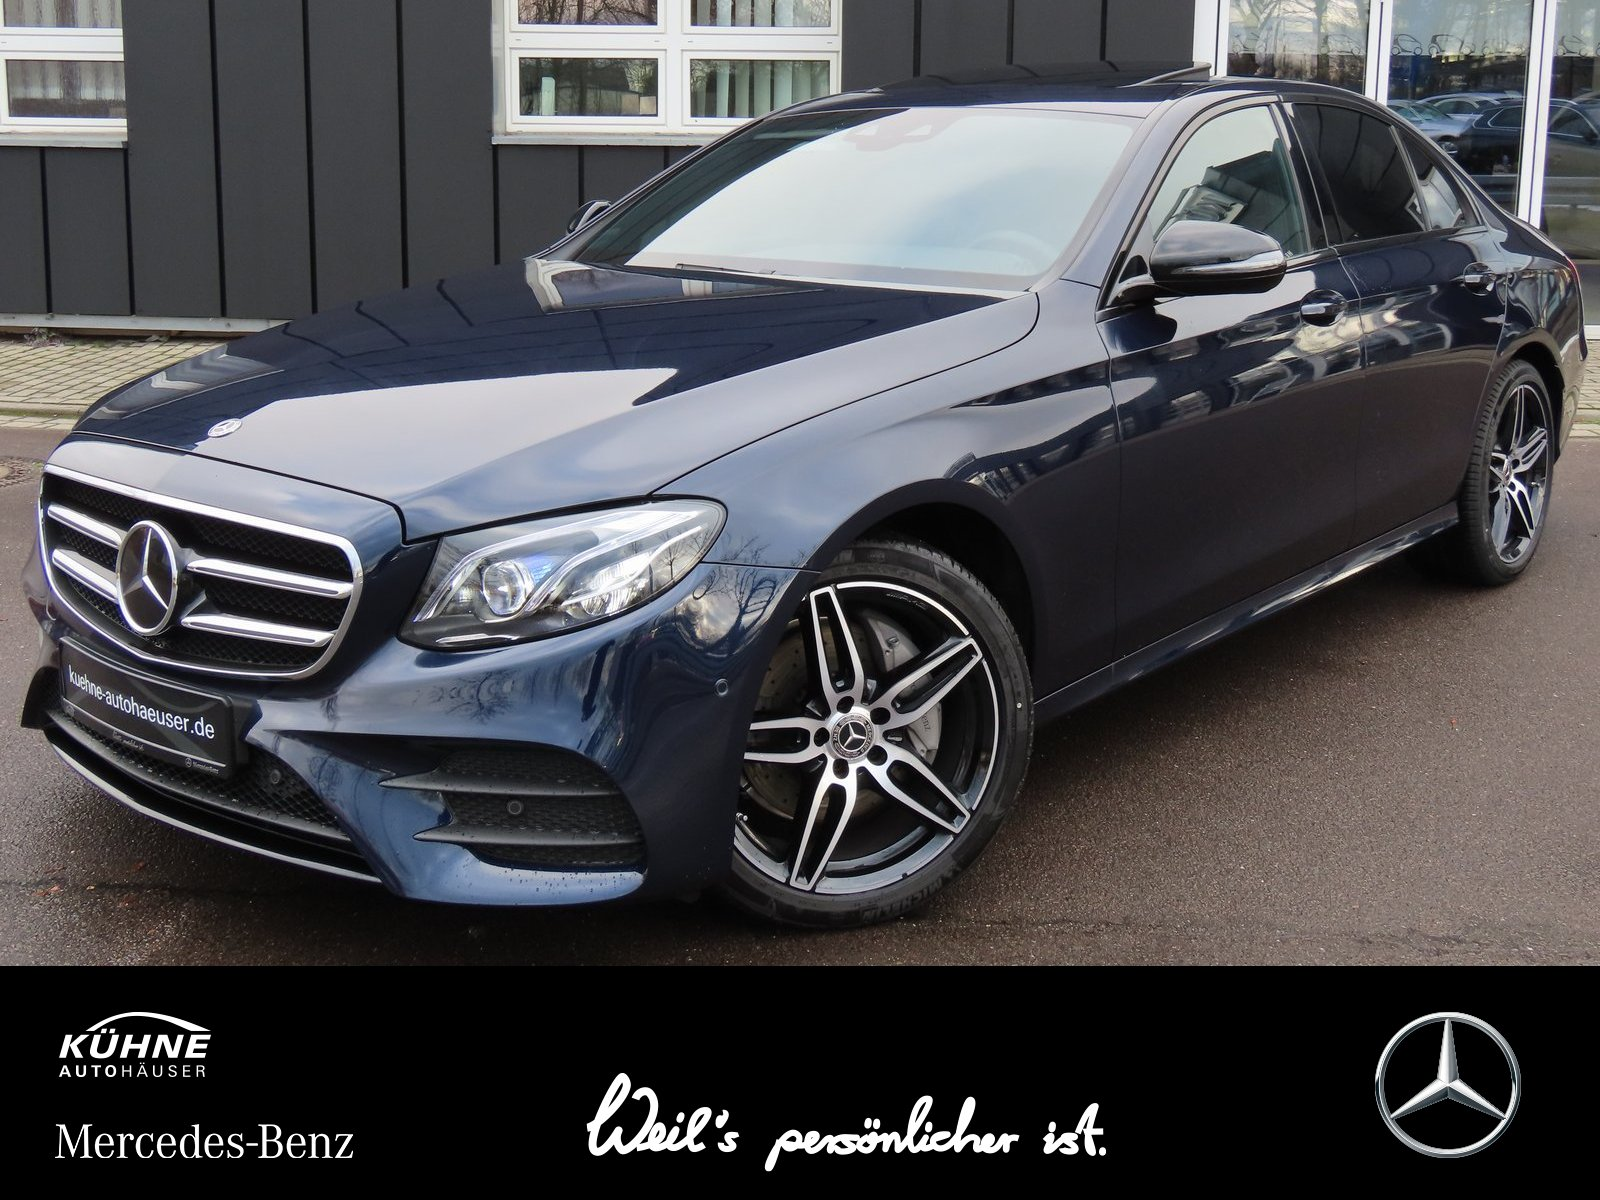 Mercedes-Benz E 220 d 4M AMG+Busi+Multi+Comand+Night+SHD+Distr, Jahr 2020, Diesel